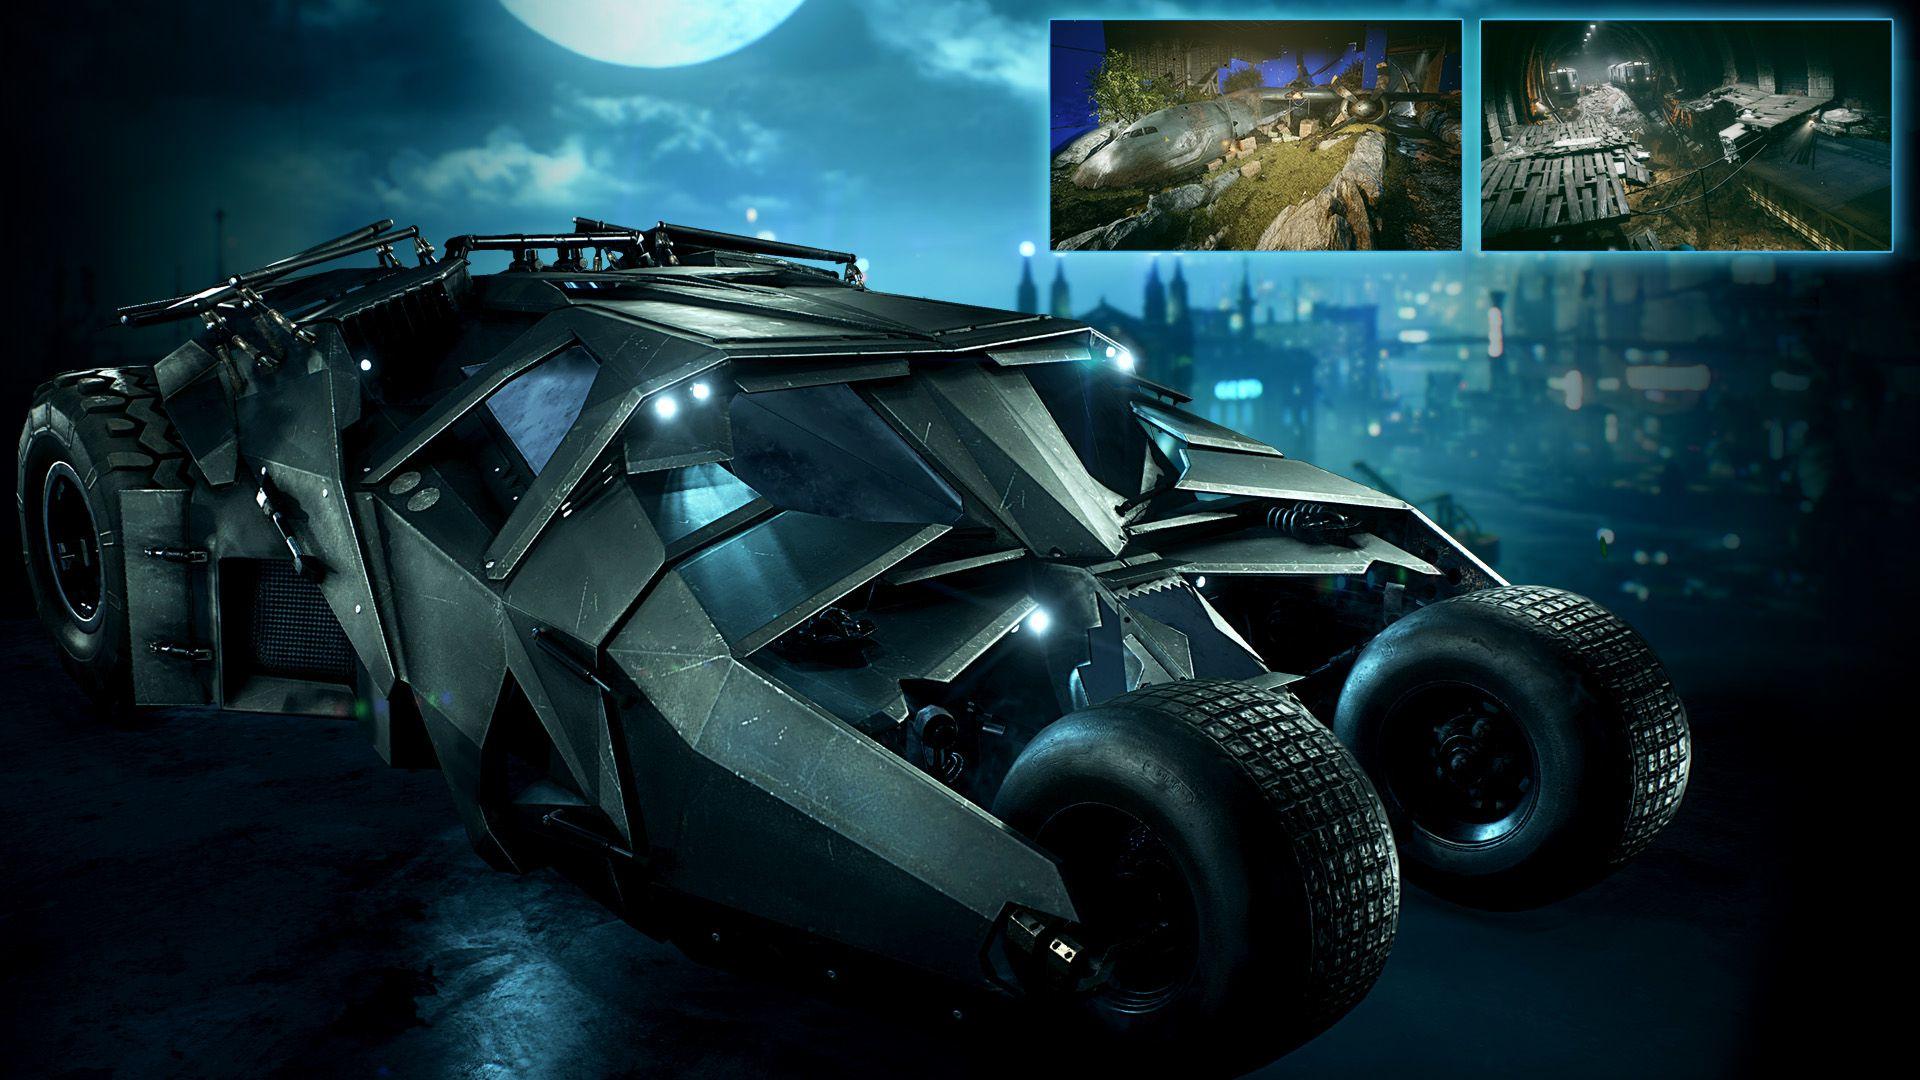 Batman: Arkham Knight gets Dark Knight's Tumbler next ...